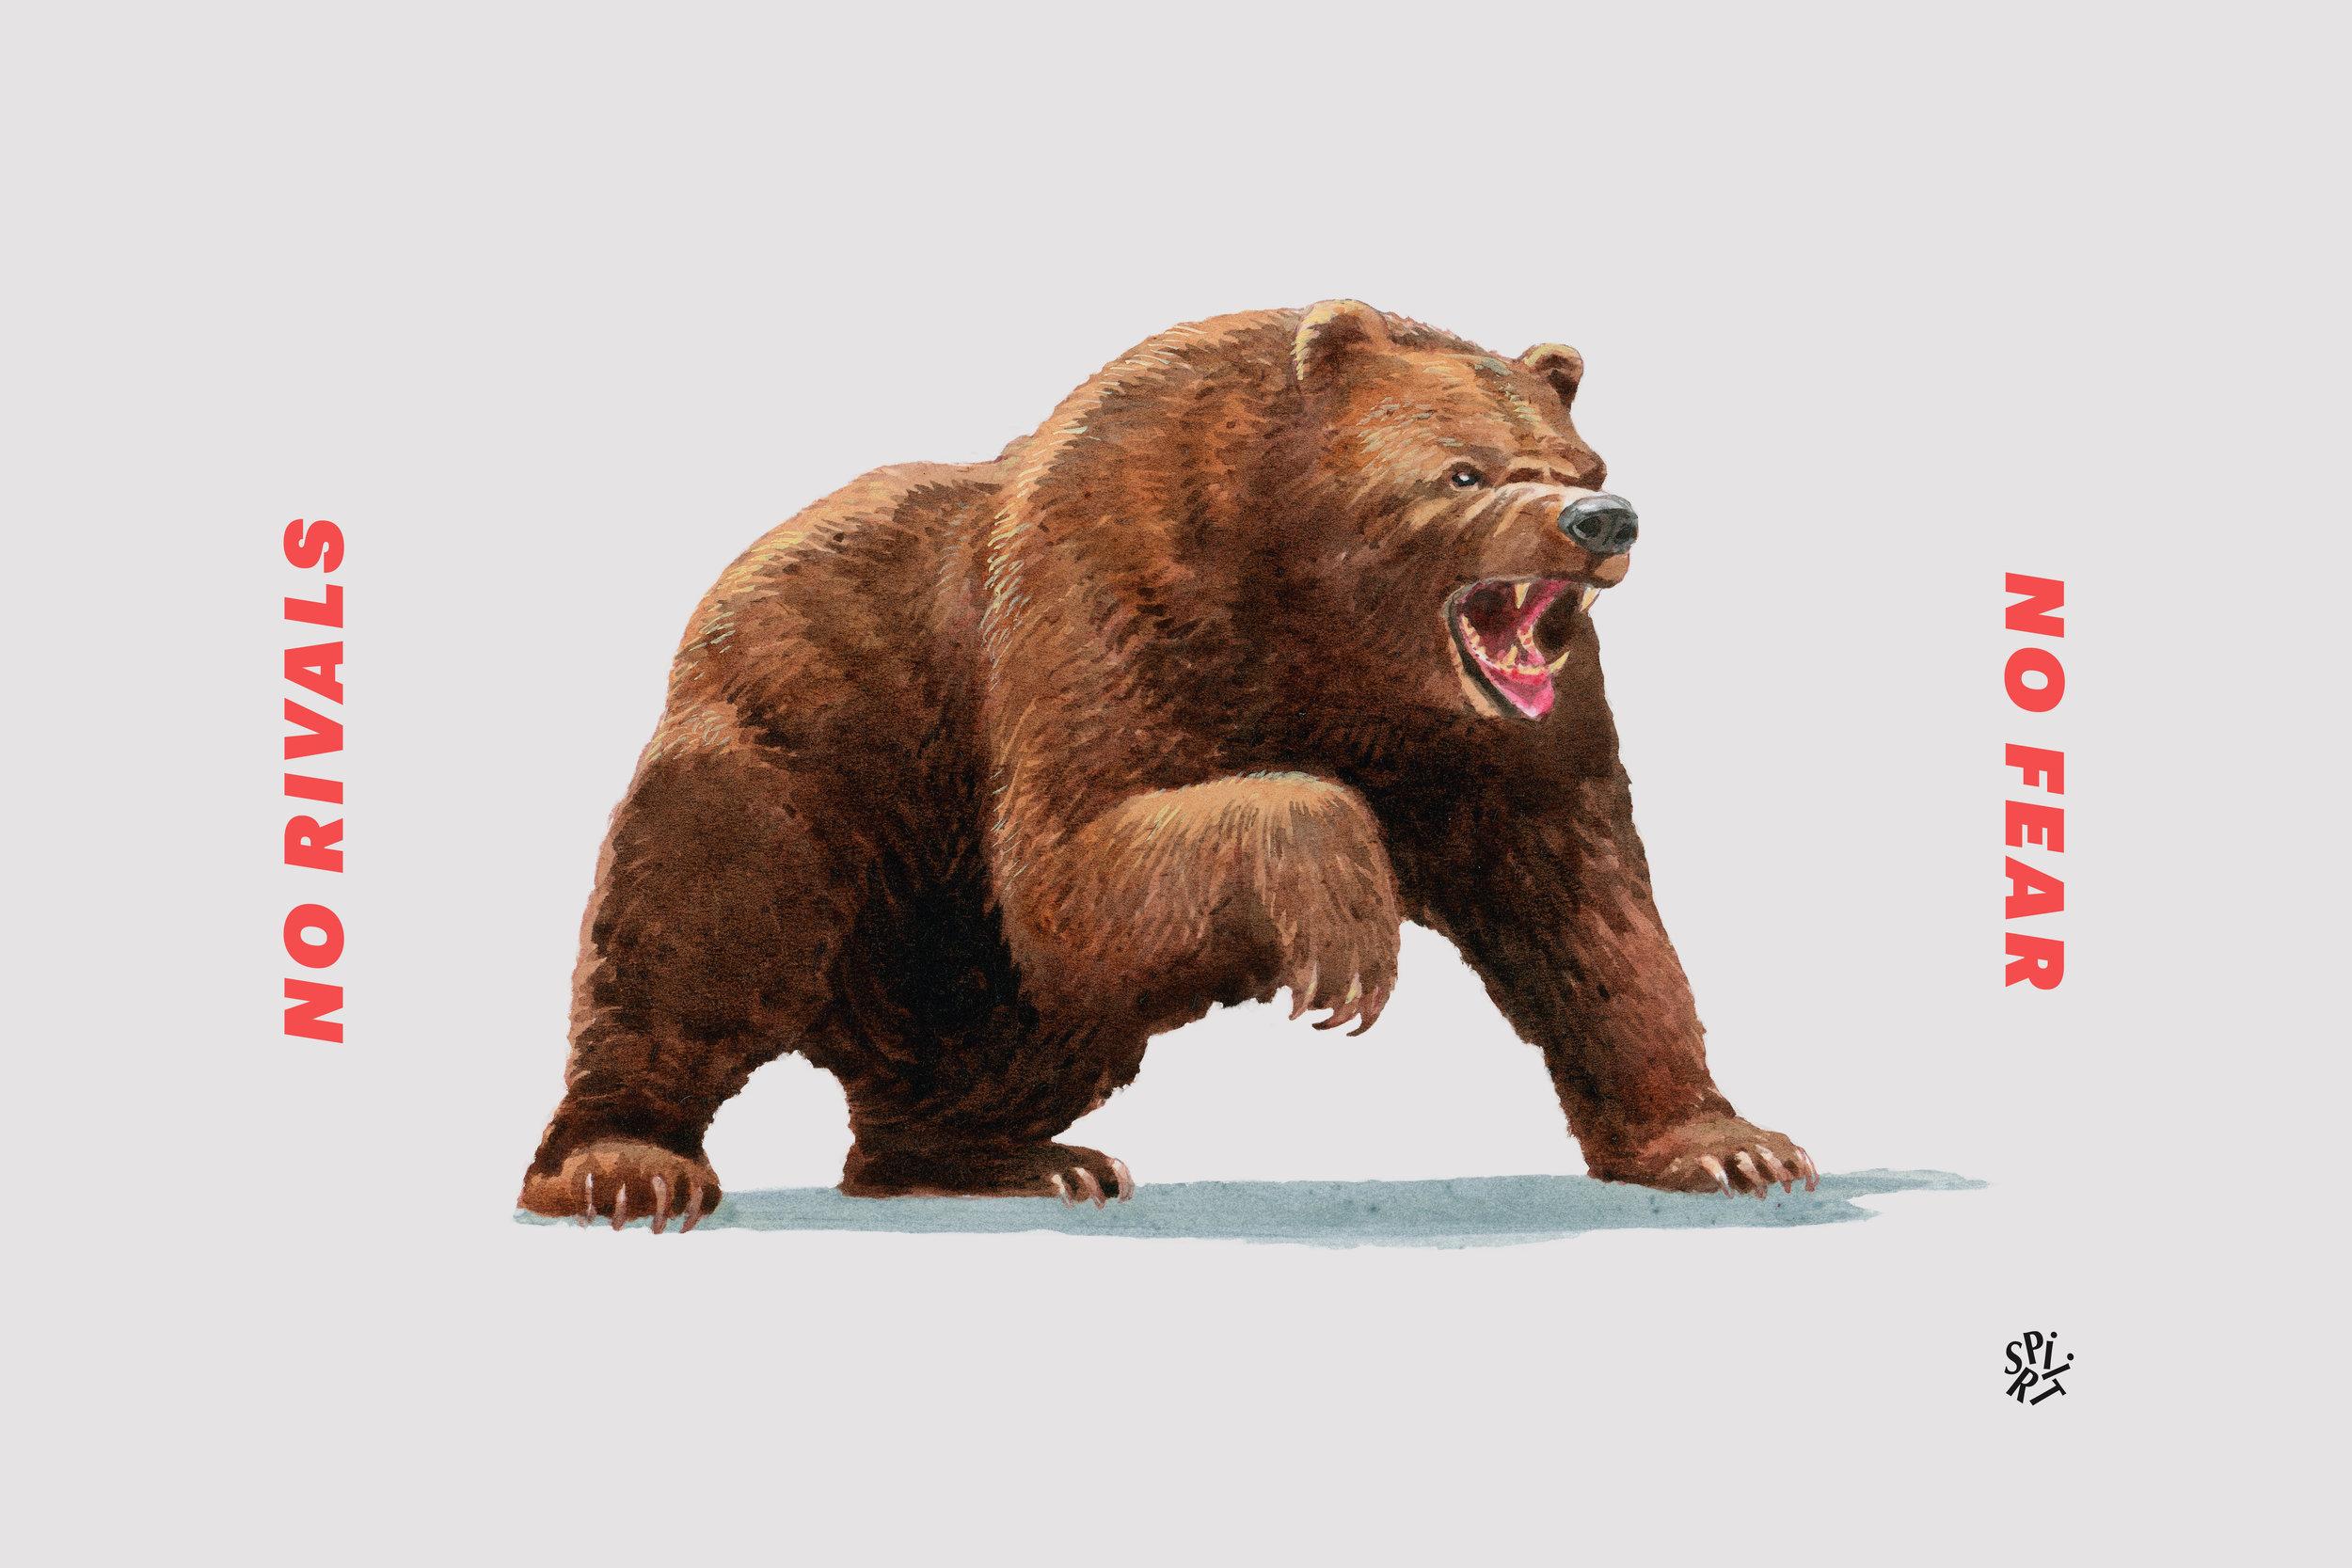 Poster-bear-2.jpg